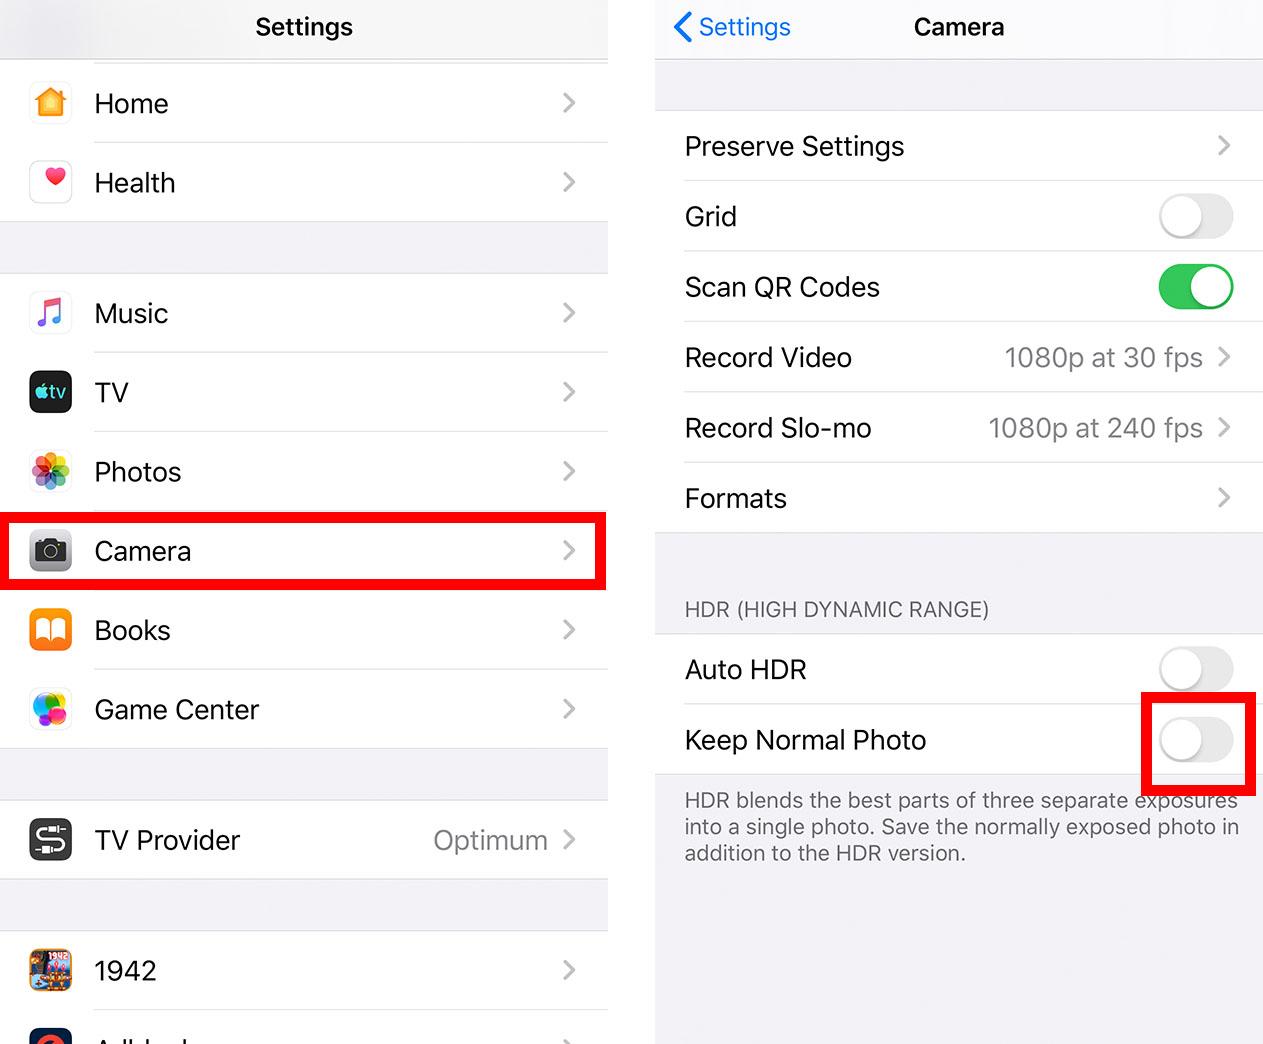 Cómo liberar espacio en tu iPhone: La guía definitiva